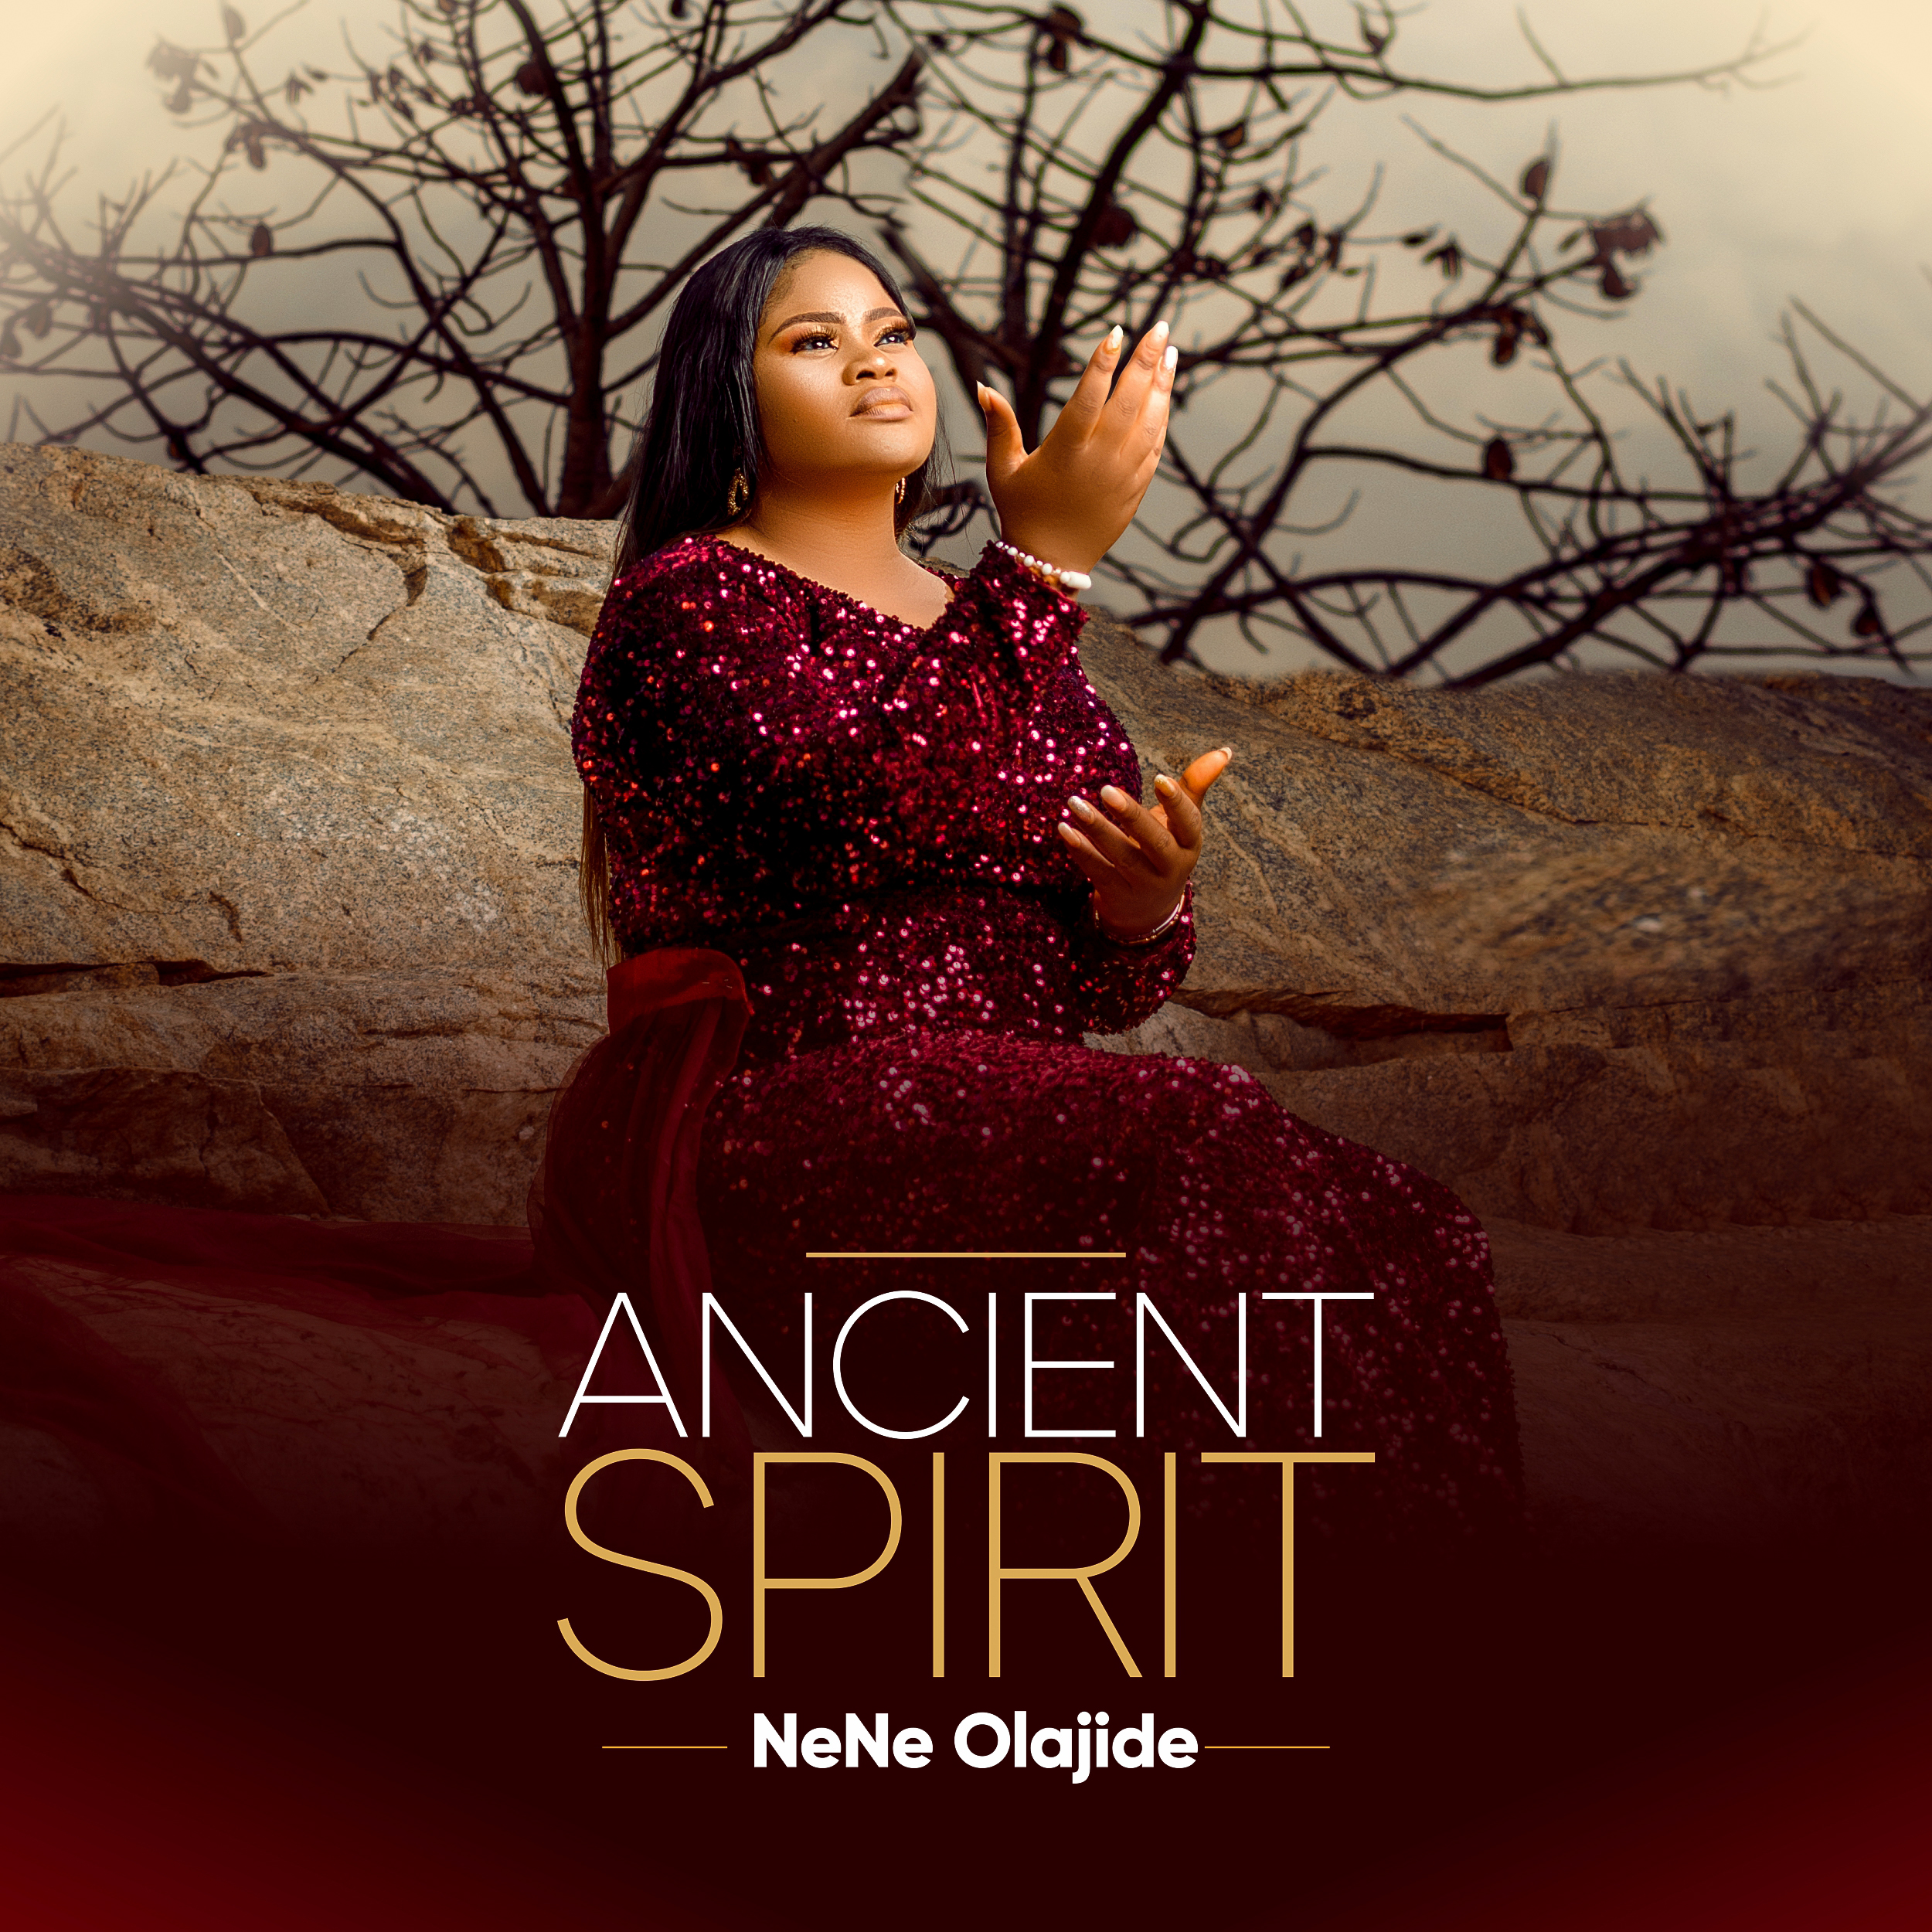 Evaloaded- Ancient Spirit by nene olajide